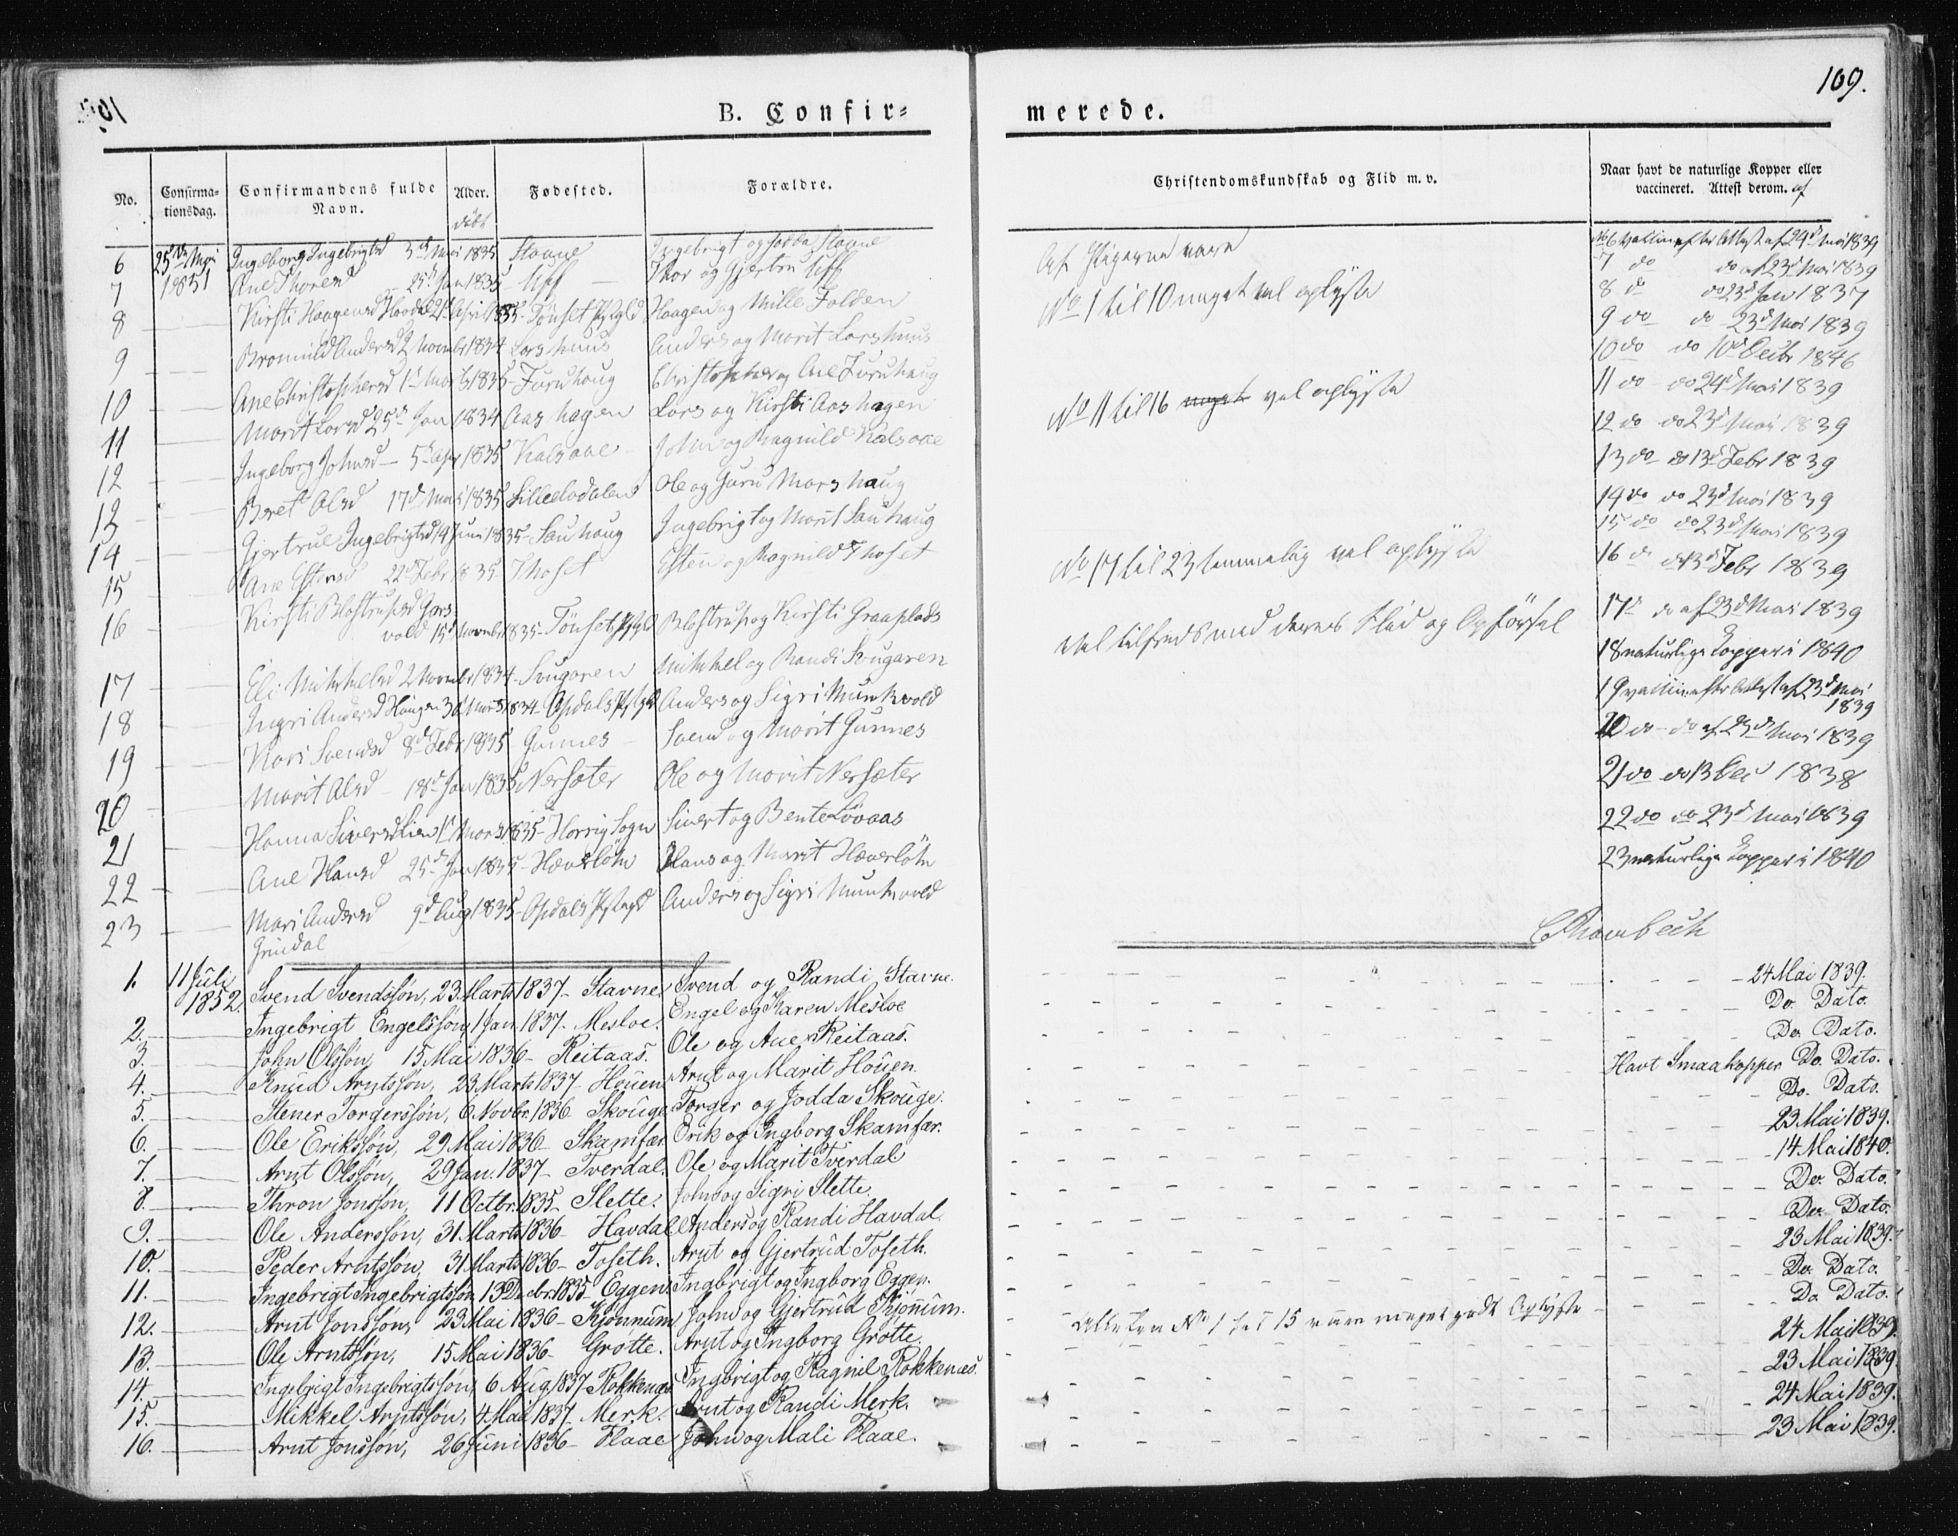 SAT, Ministerialprotokoller, klokkerbøker og fødselsregistre - Sør-Trøndelag, 674/L0869: Ministerialbok nr. 674A01, 1829-1860, s. 109